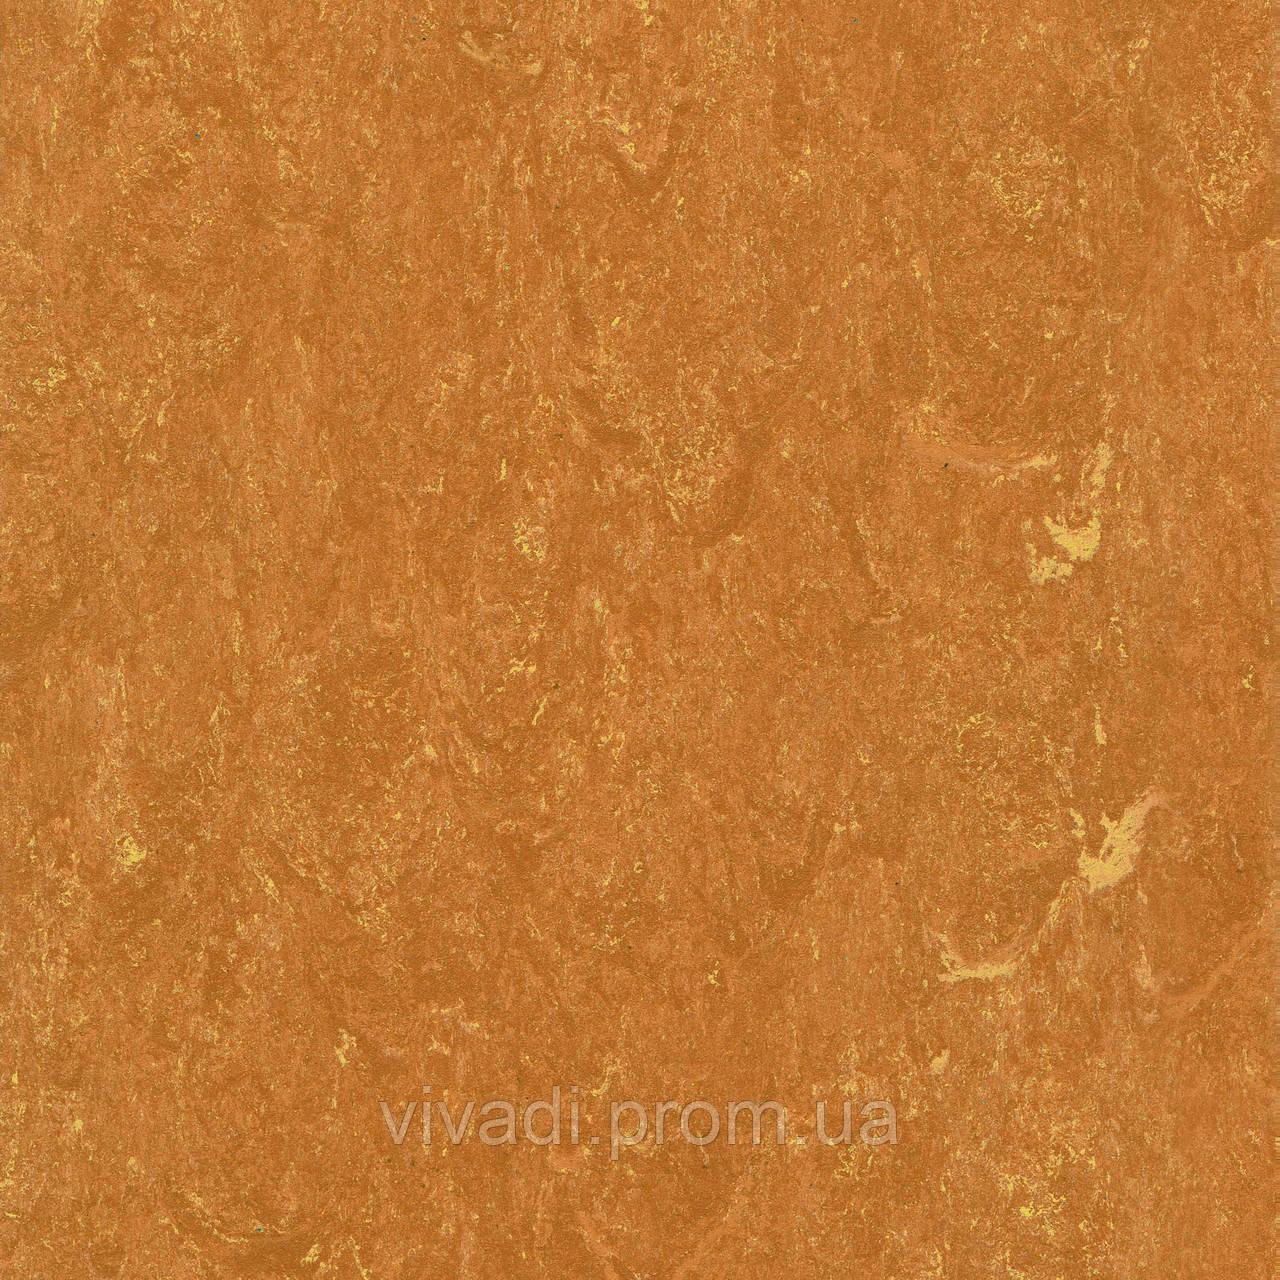 Натуральний лінолеум Marmorette PUR - колір 125-115